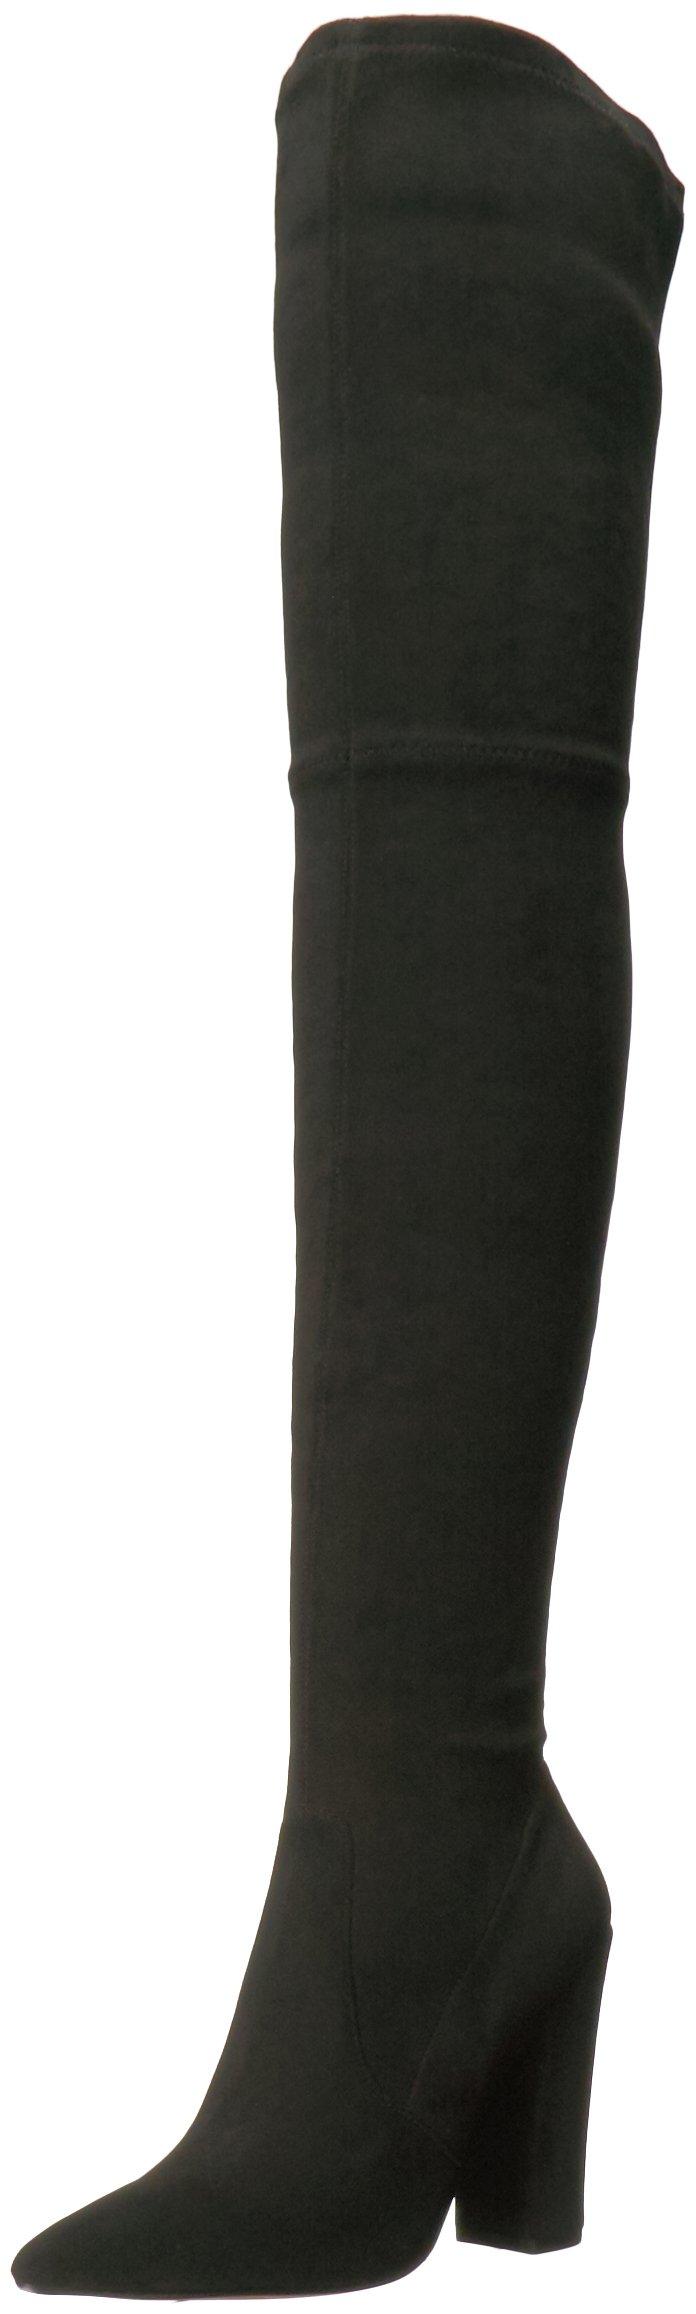 Dolce Vita Women's Emmy Fashion Boot, Black Stella Suede, 8.5 Medium US